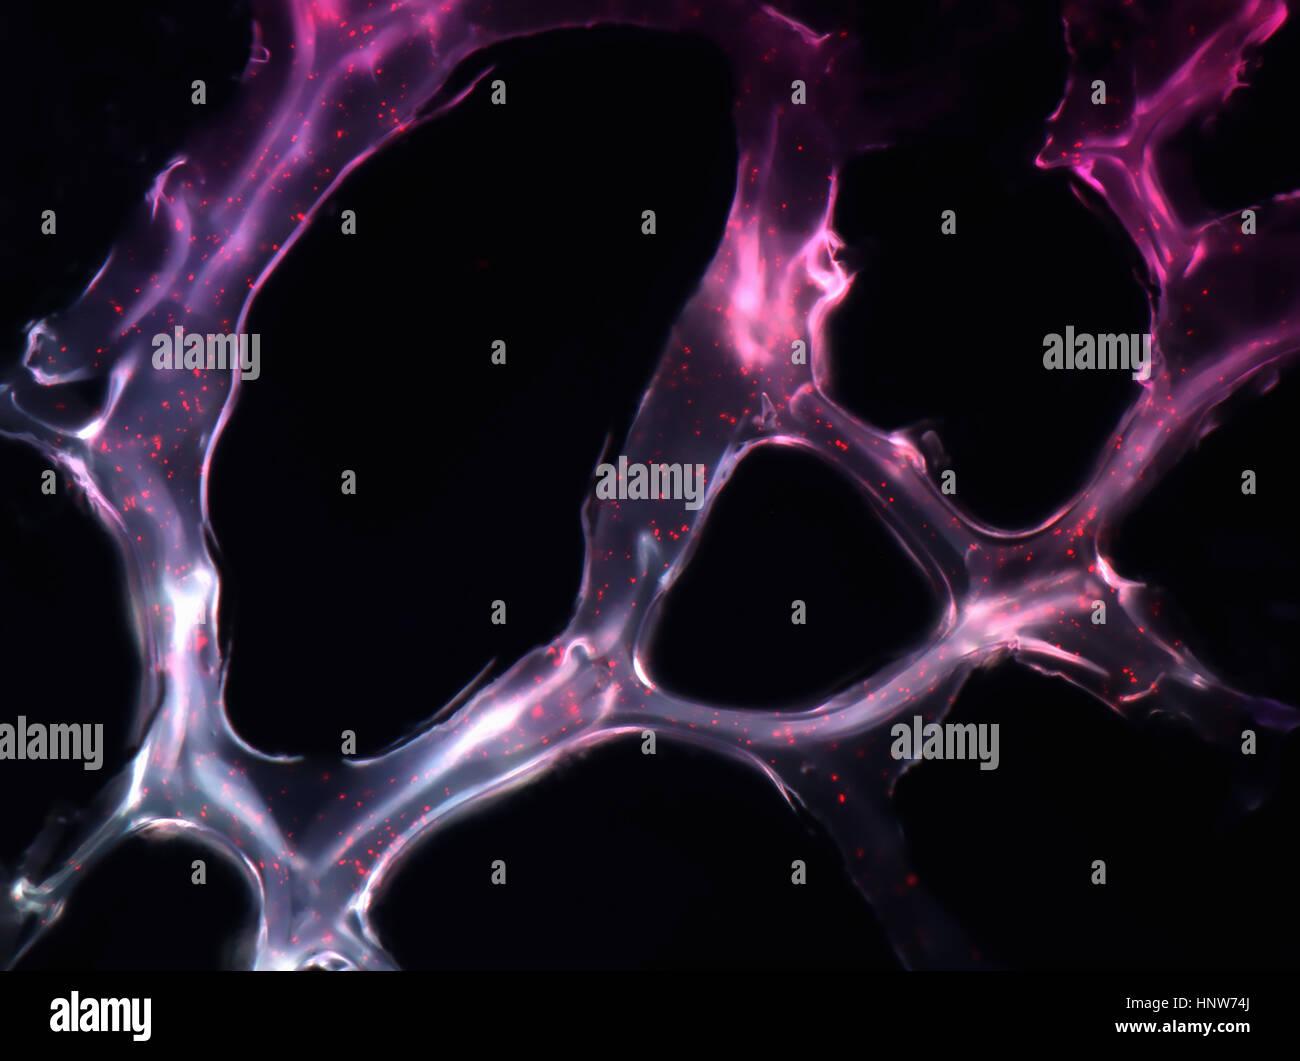 Les nanoparticules auto-assemblées exerçant son micro RNAs de tumeur du sein dans un modèle de souris et coller à la cible tumorale Banque D'Images